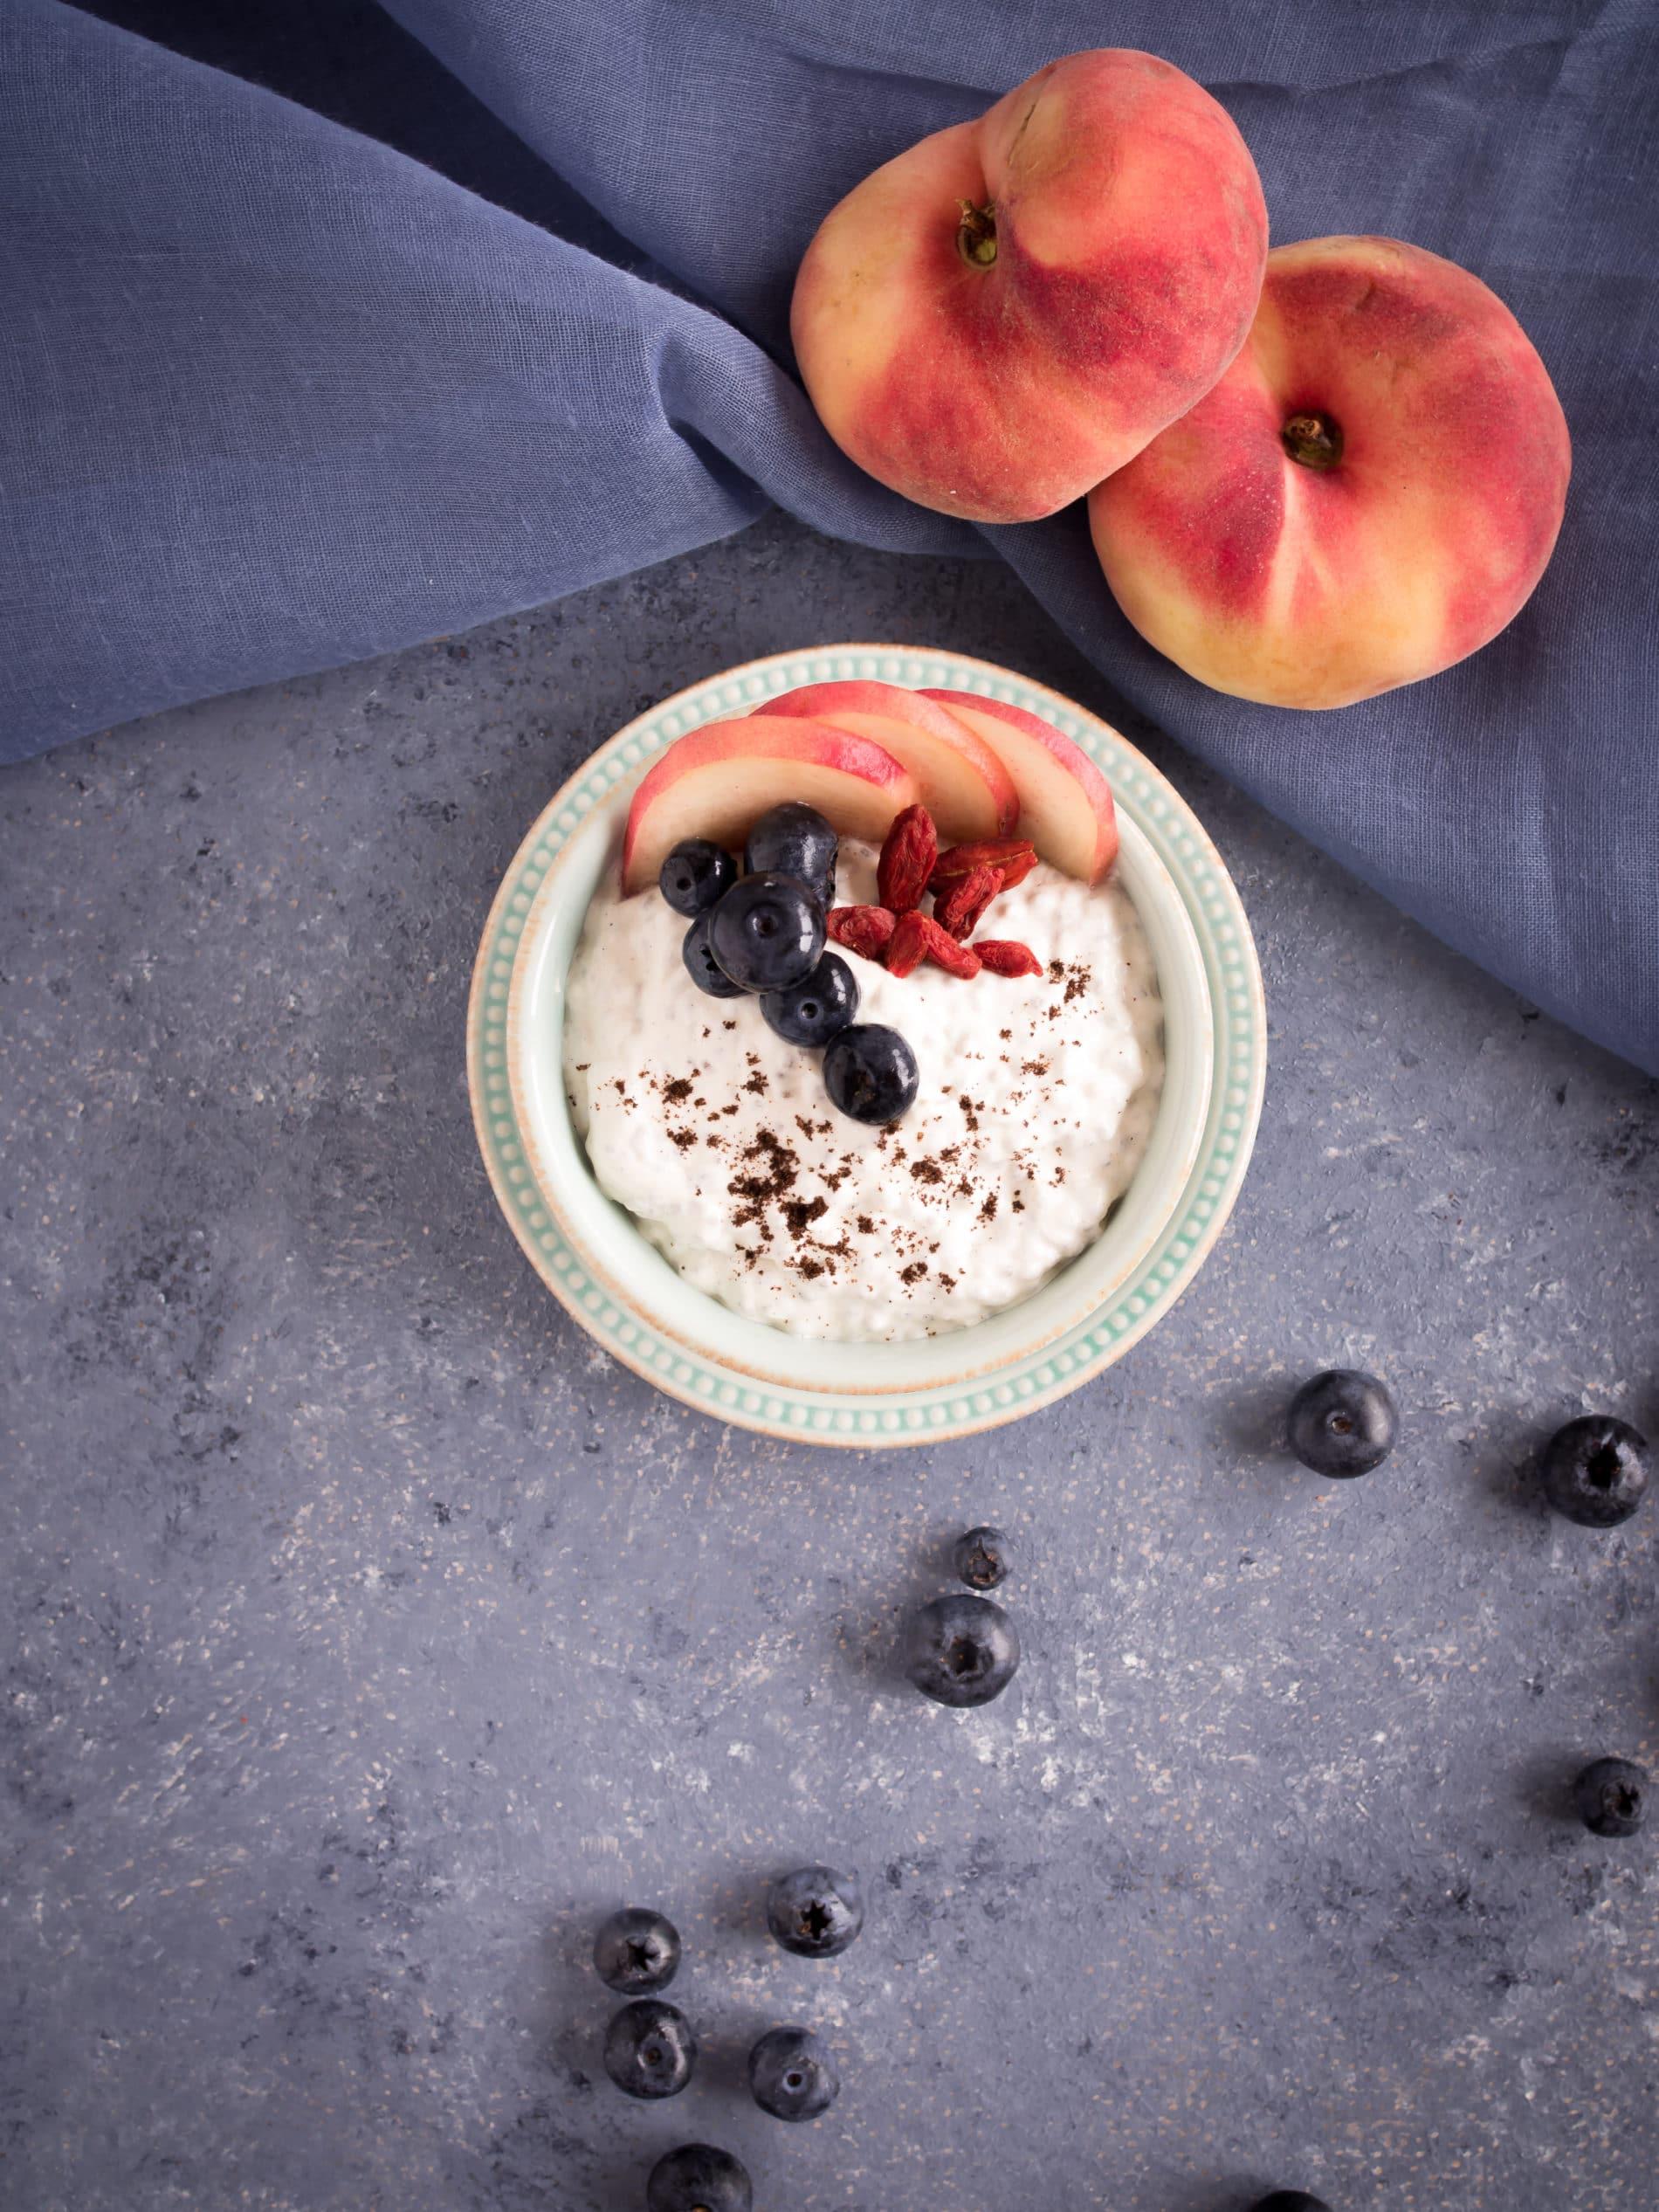 Cashew Joghurt mit Brottrunk selber machen